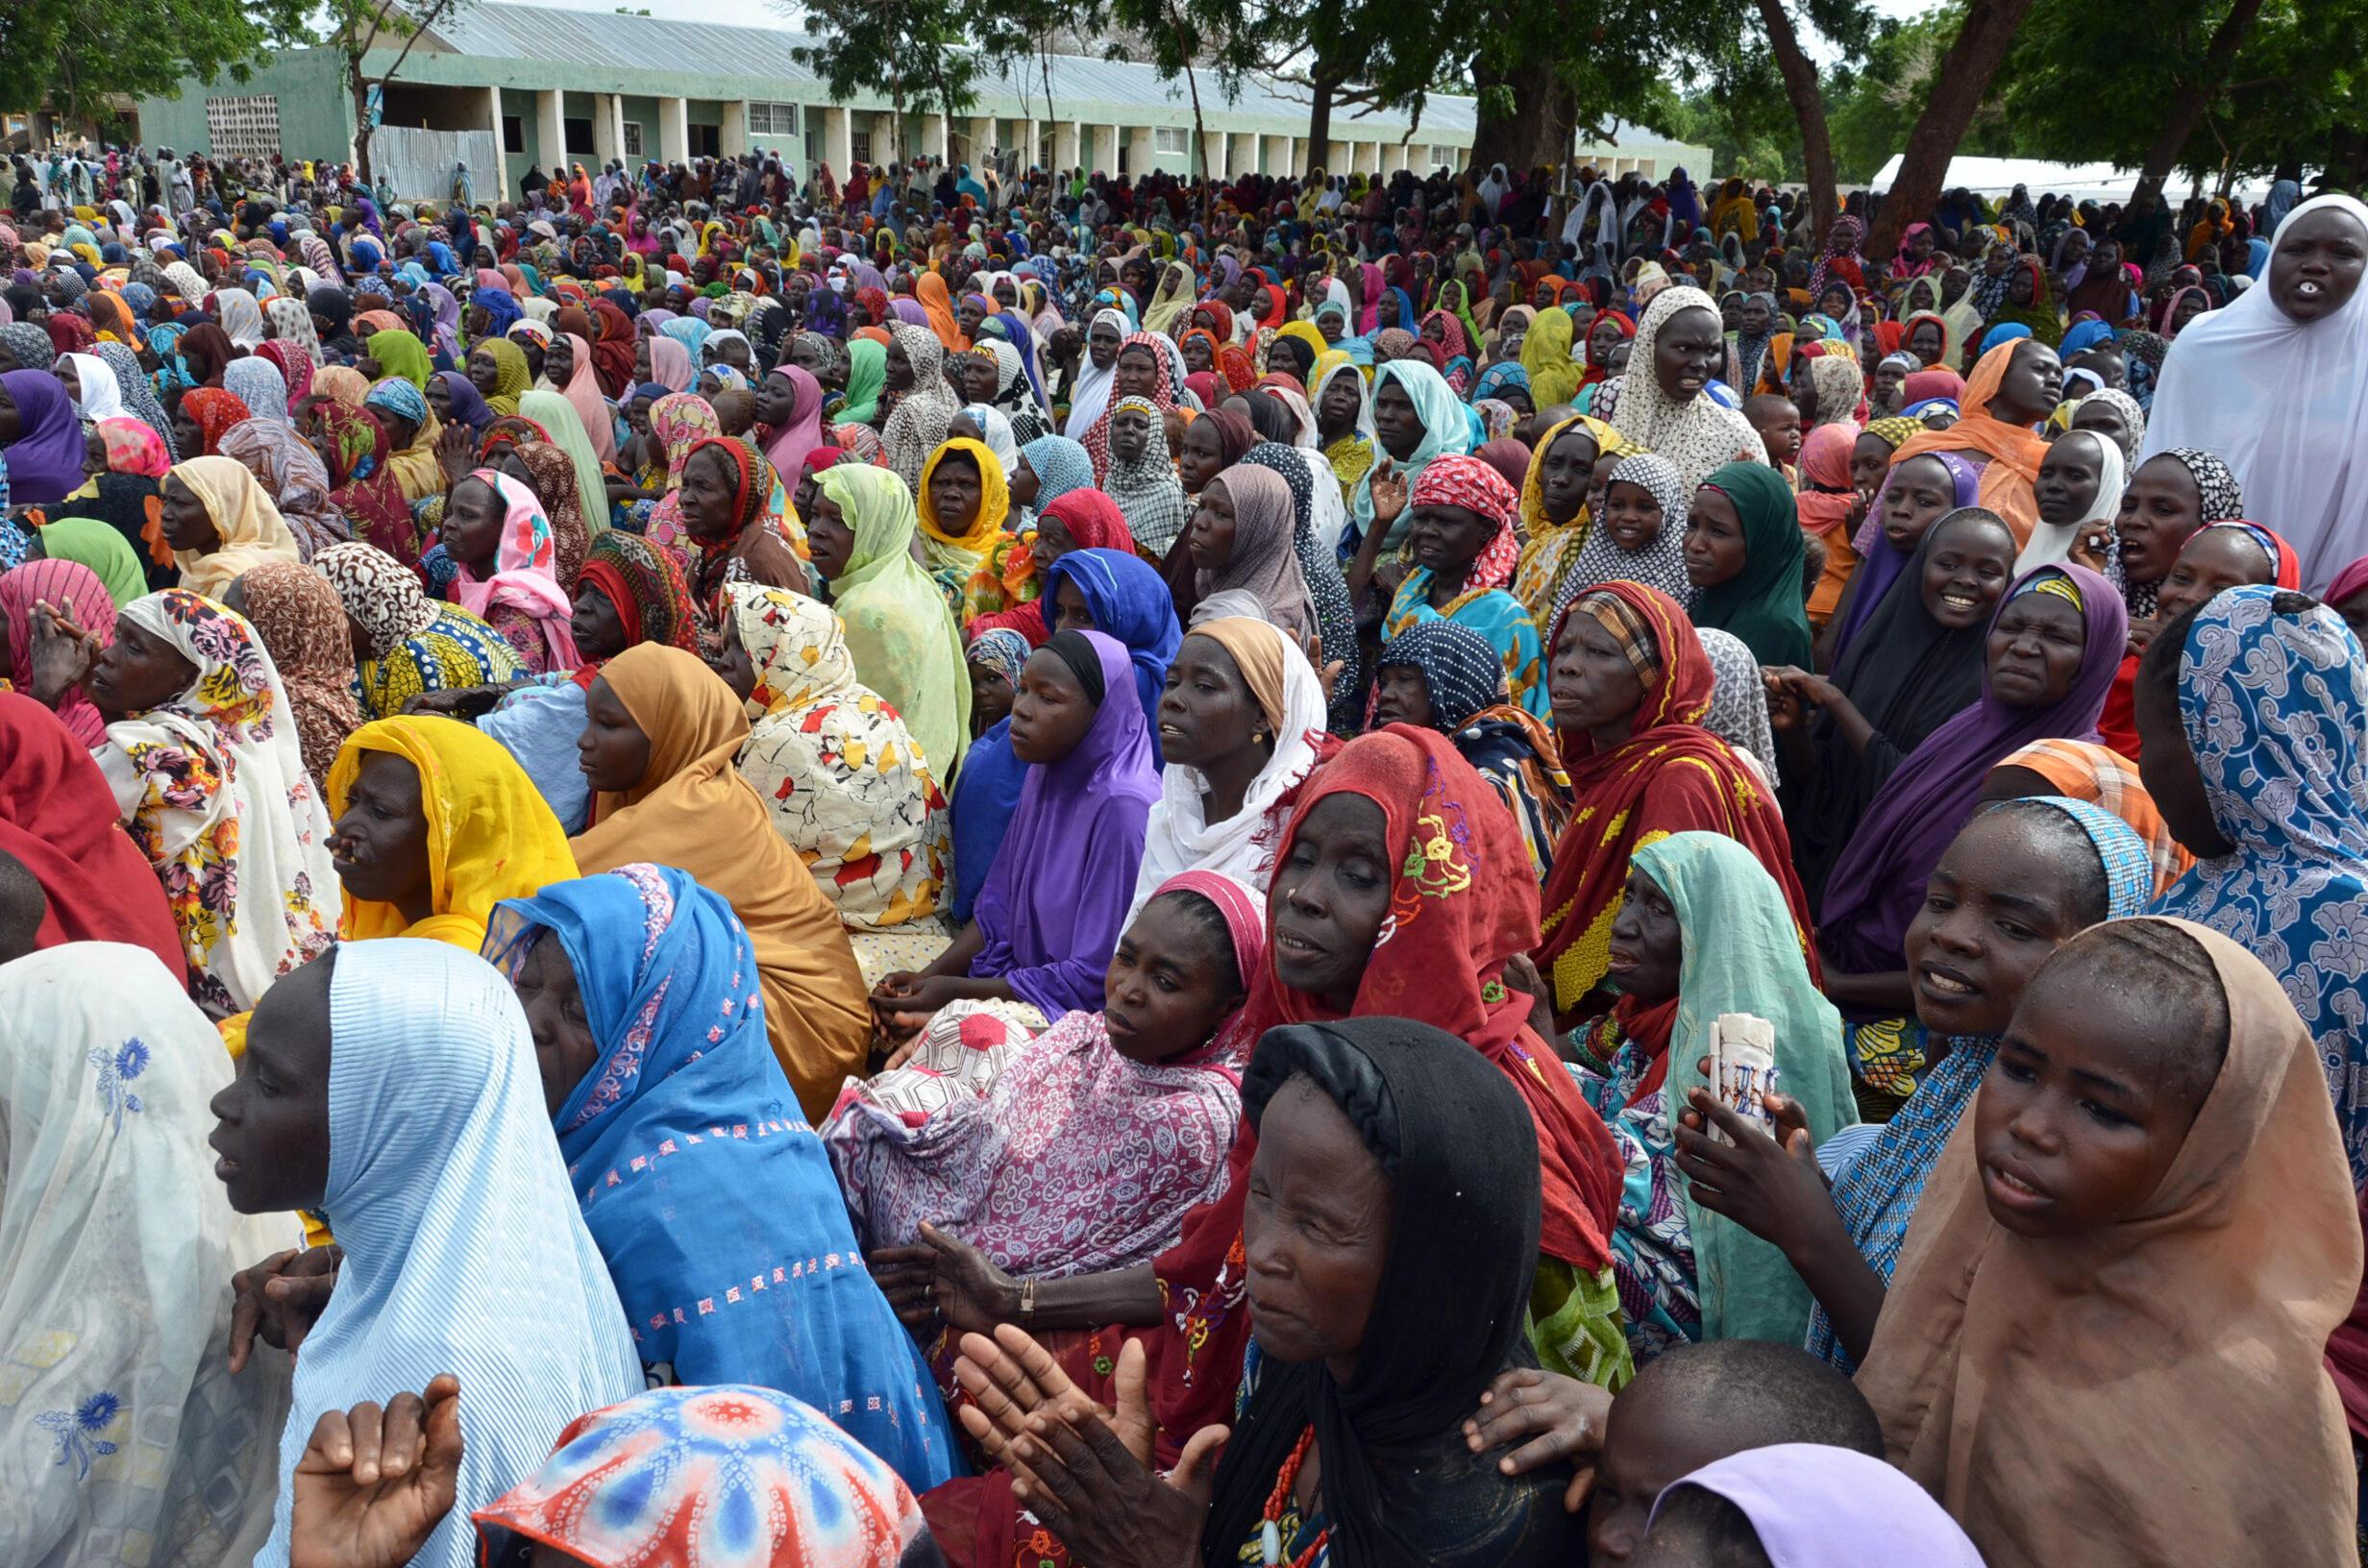 Wasu 'yan gudun hijirar Boko Haram a wani sansani da ke birnin Maiduguri na Borno a Najeriya